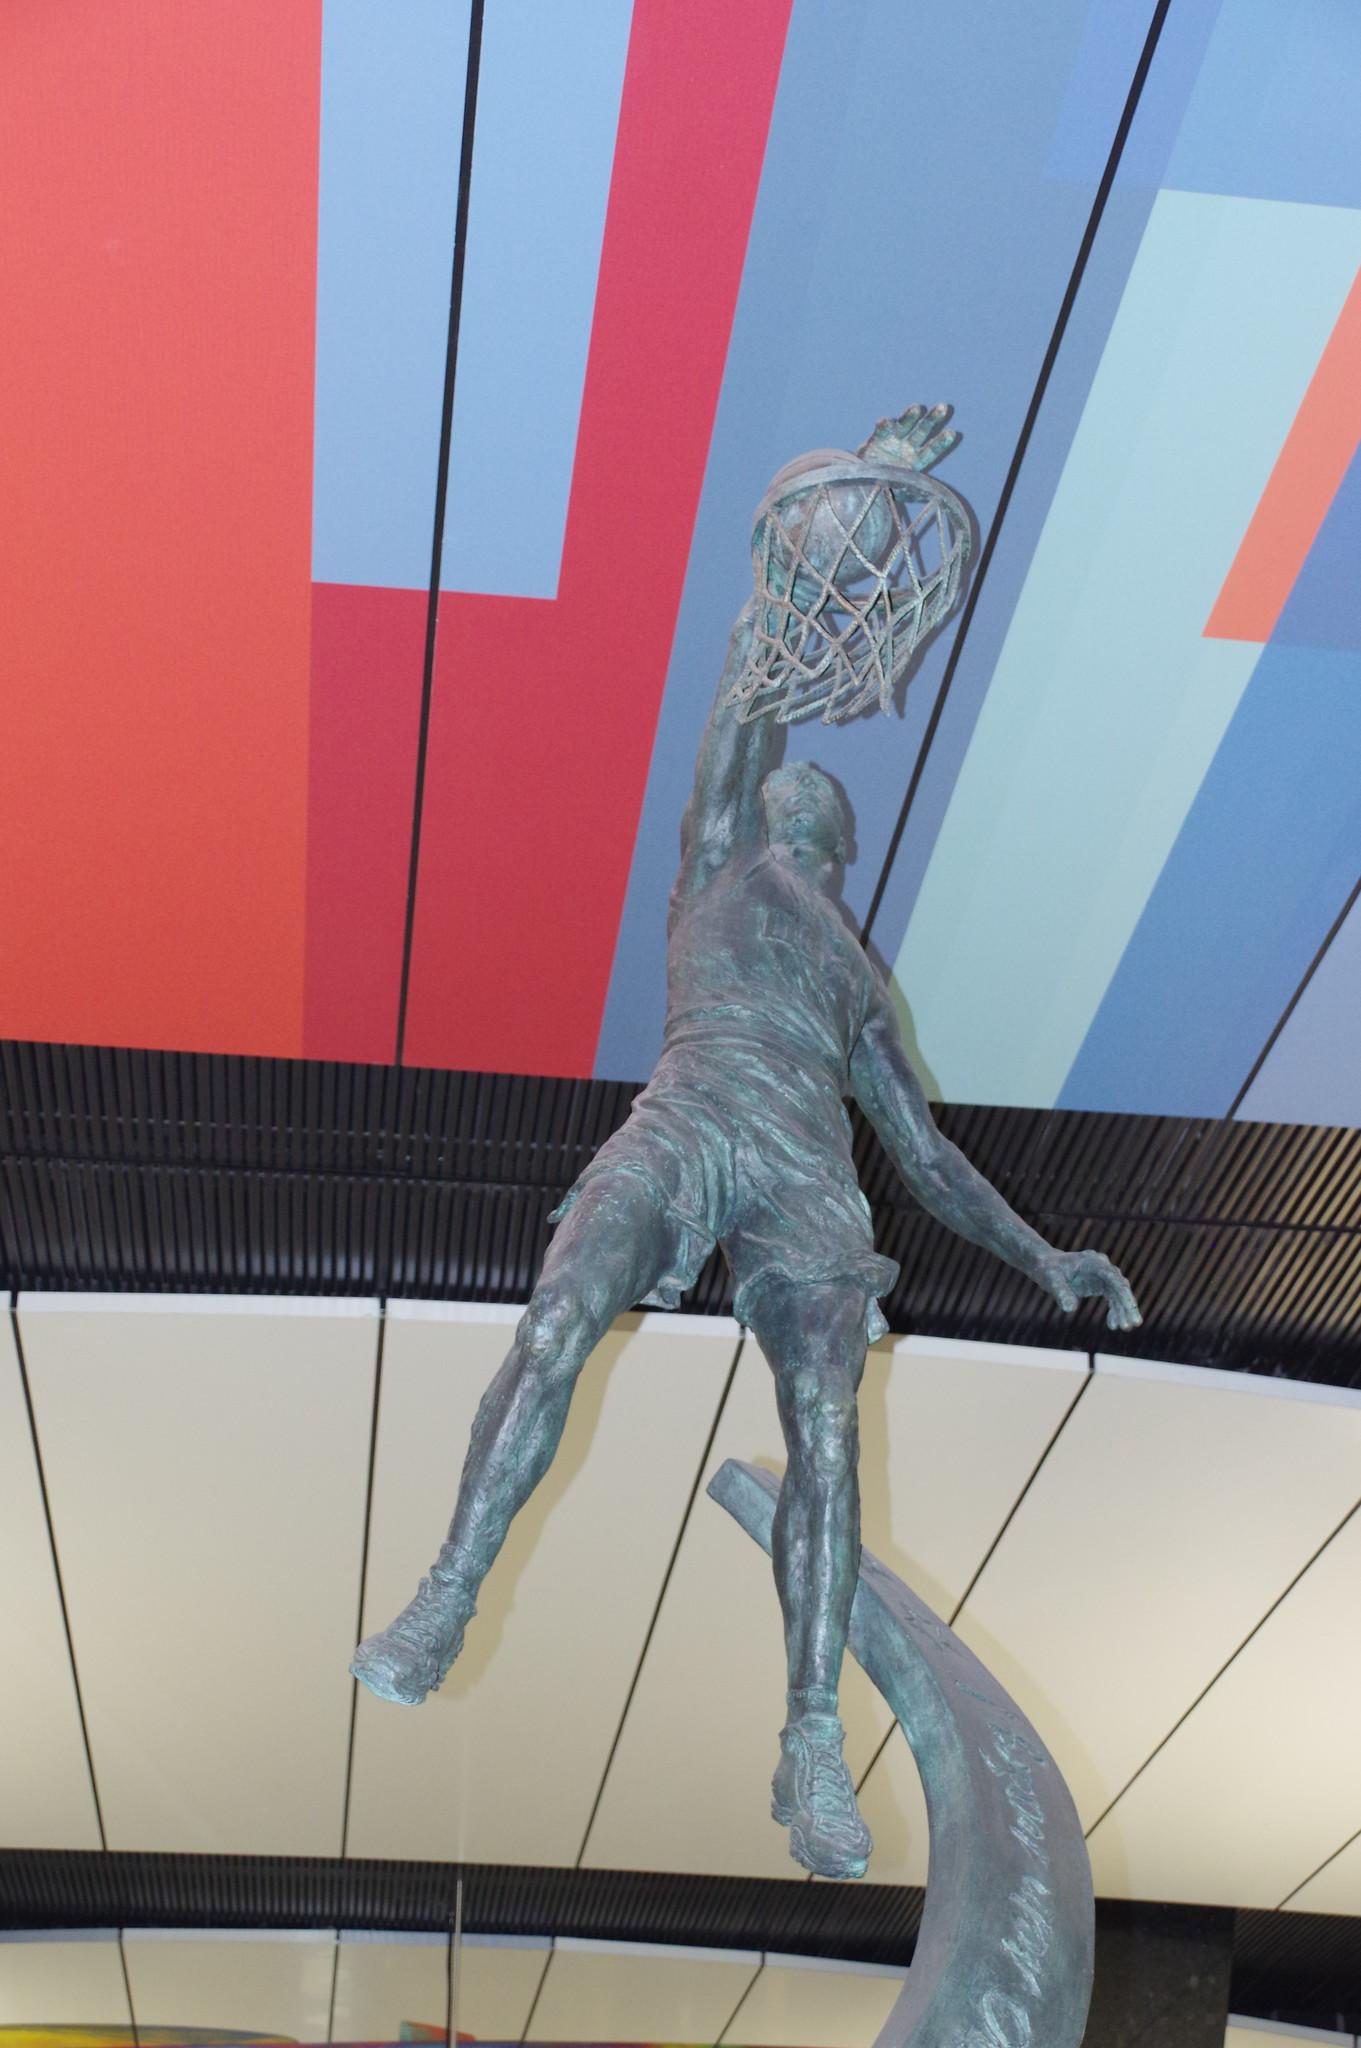 Станция «ЦСКА» Большой кольцевой линии. Прообразом для скульптуры баскетболиста стал Виктор Хряпа